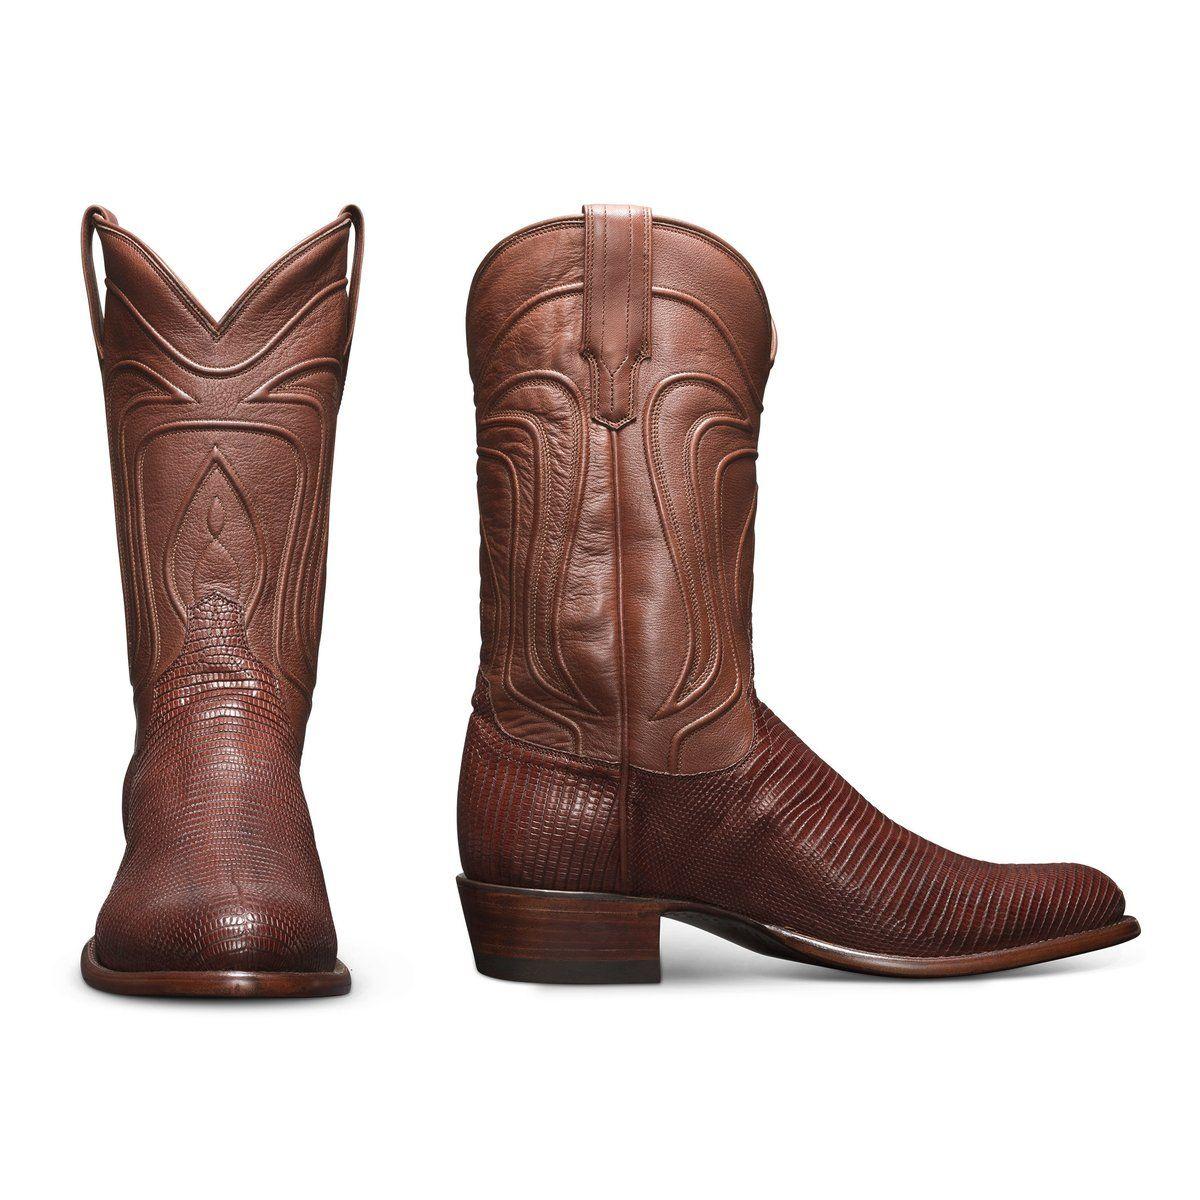 bc5e2ed56e8 The Nolan | A Handmade Lizard Cowboy Boot | Tecovas | Closet in 2019 ...